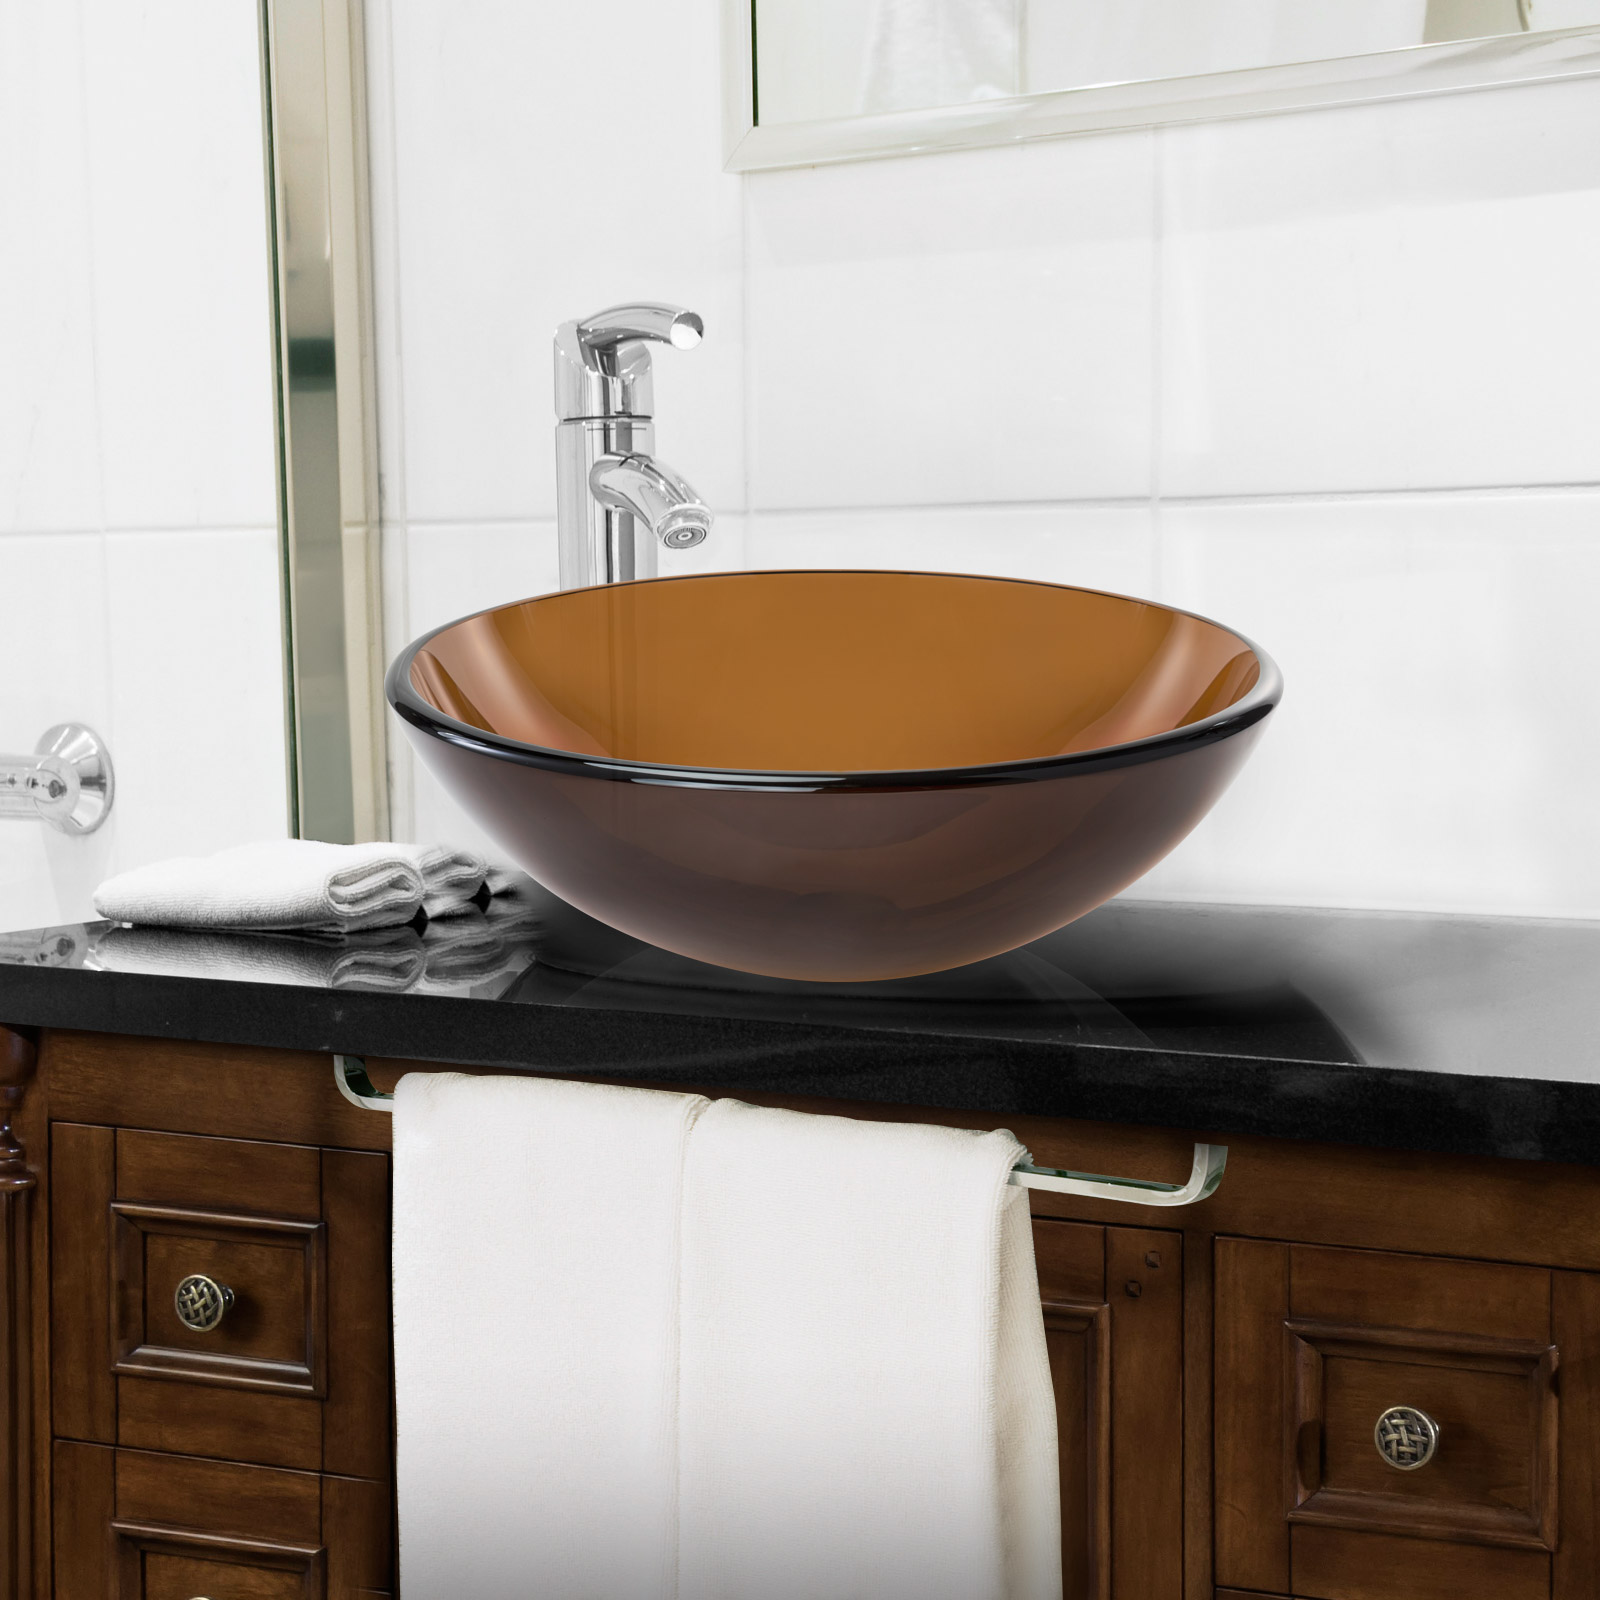 Tempered glass round vessel vanity bathroom sink ebay - Bathroom vanities with vessel sinks ...